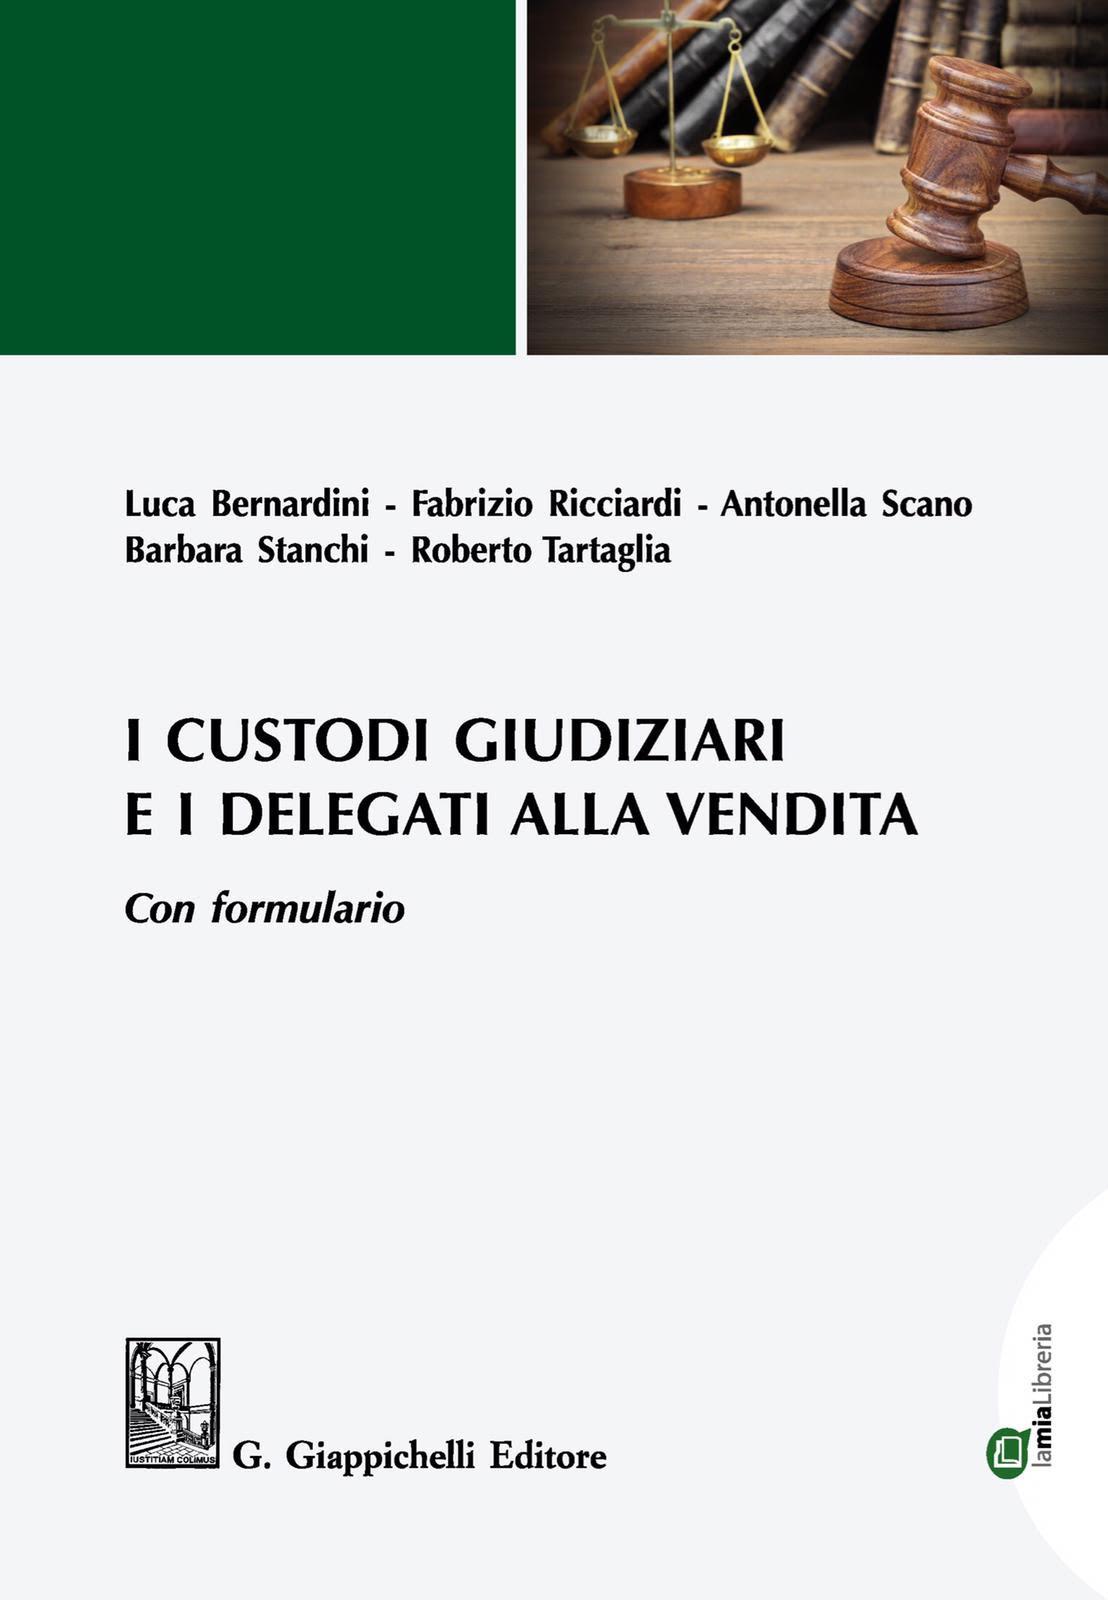 Copertina del libro I custodi giudiziari e i delegati alla vendita